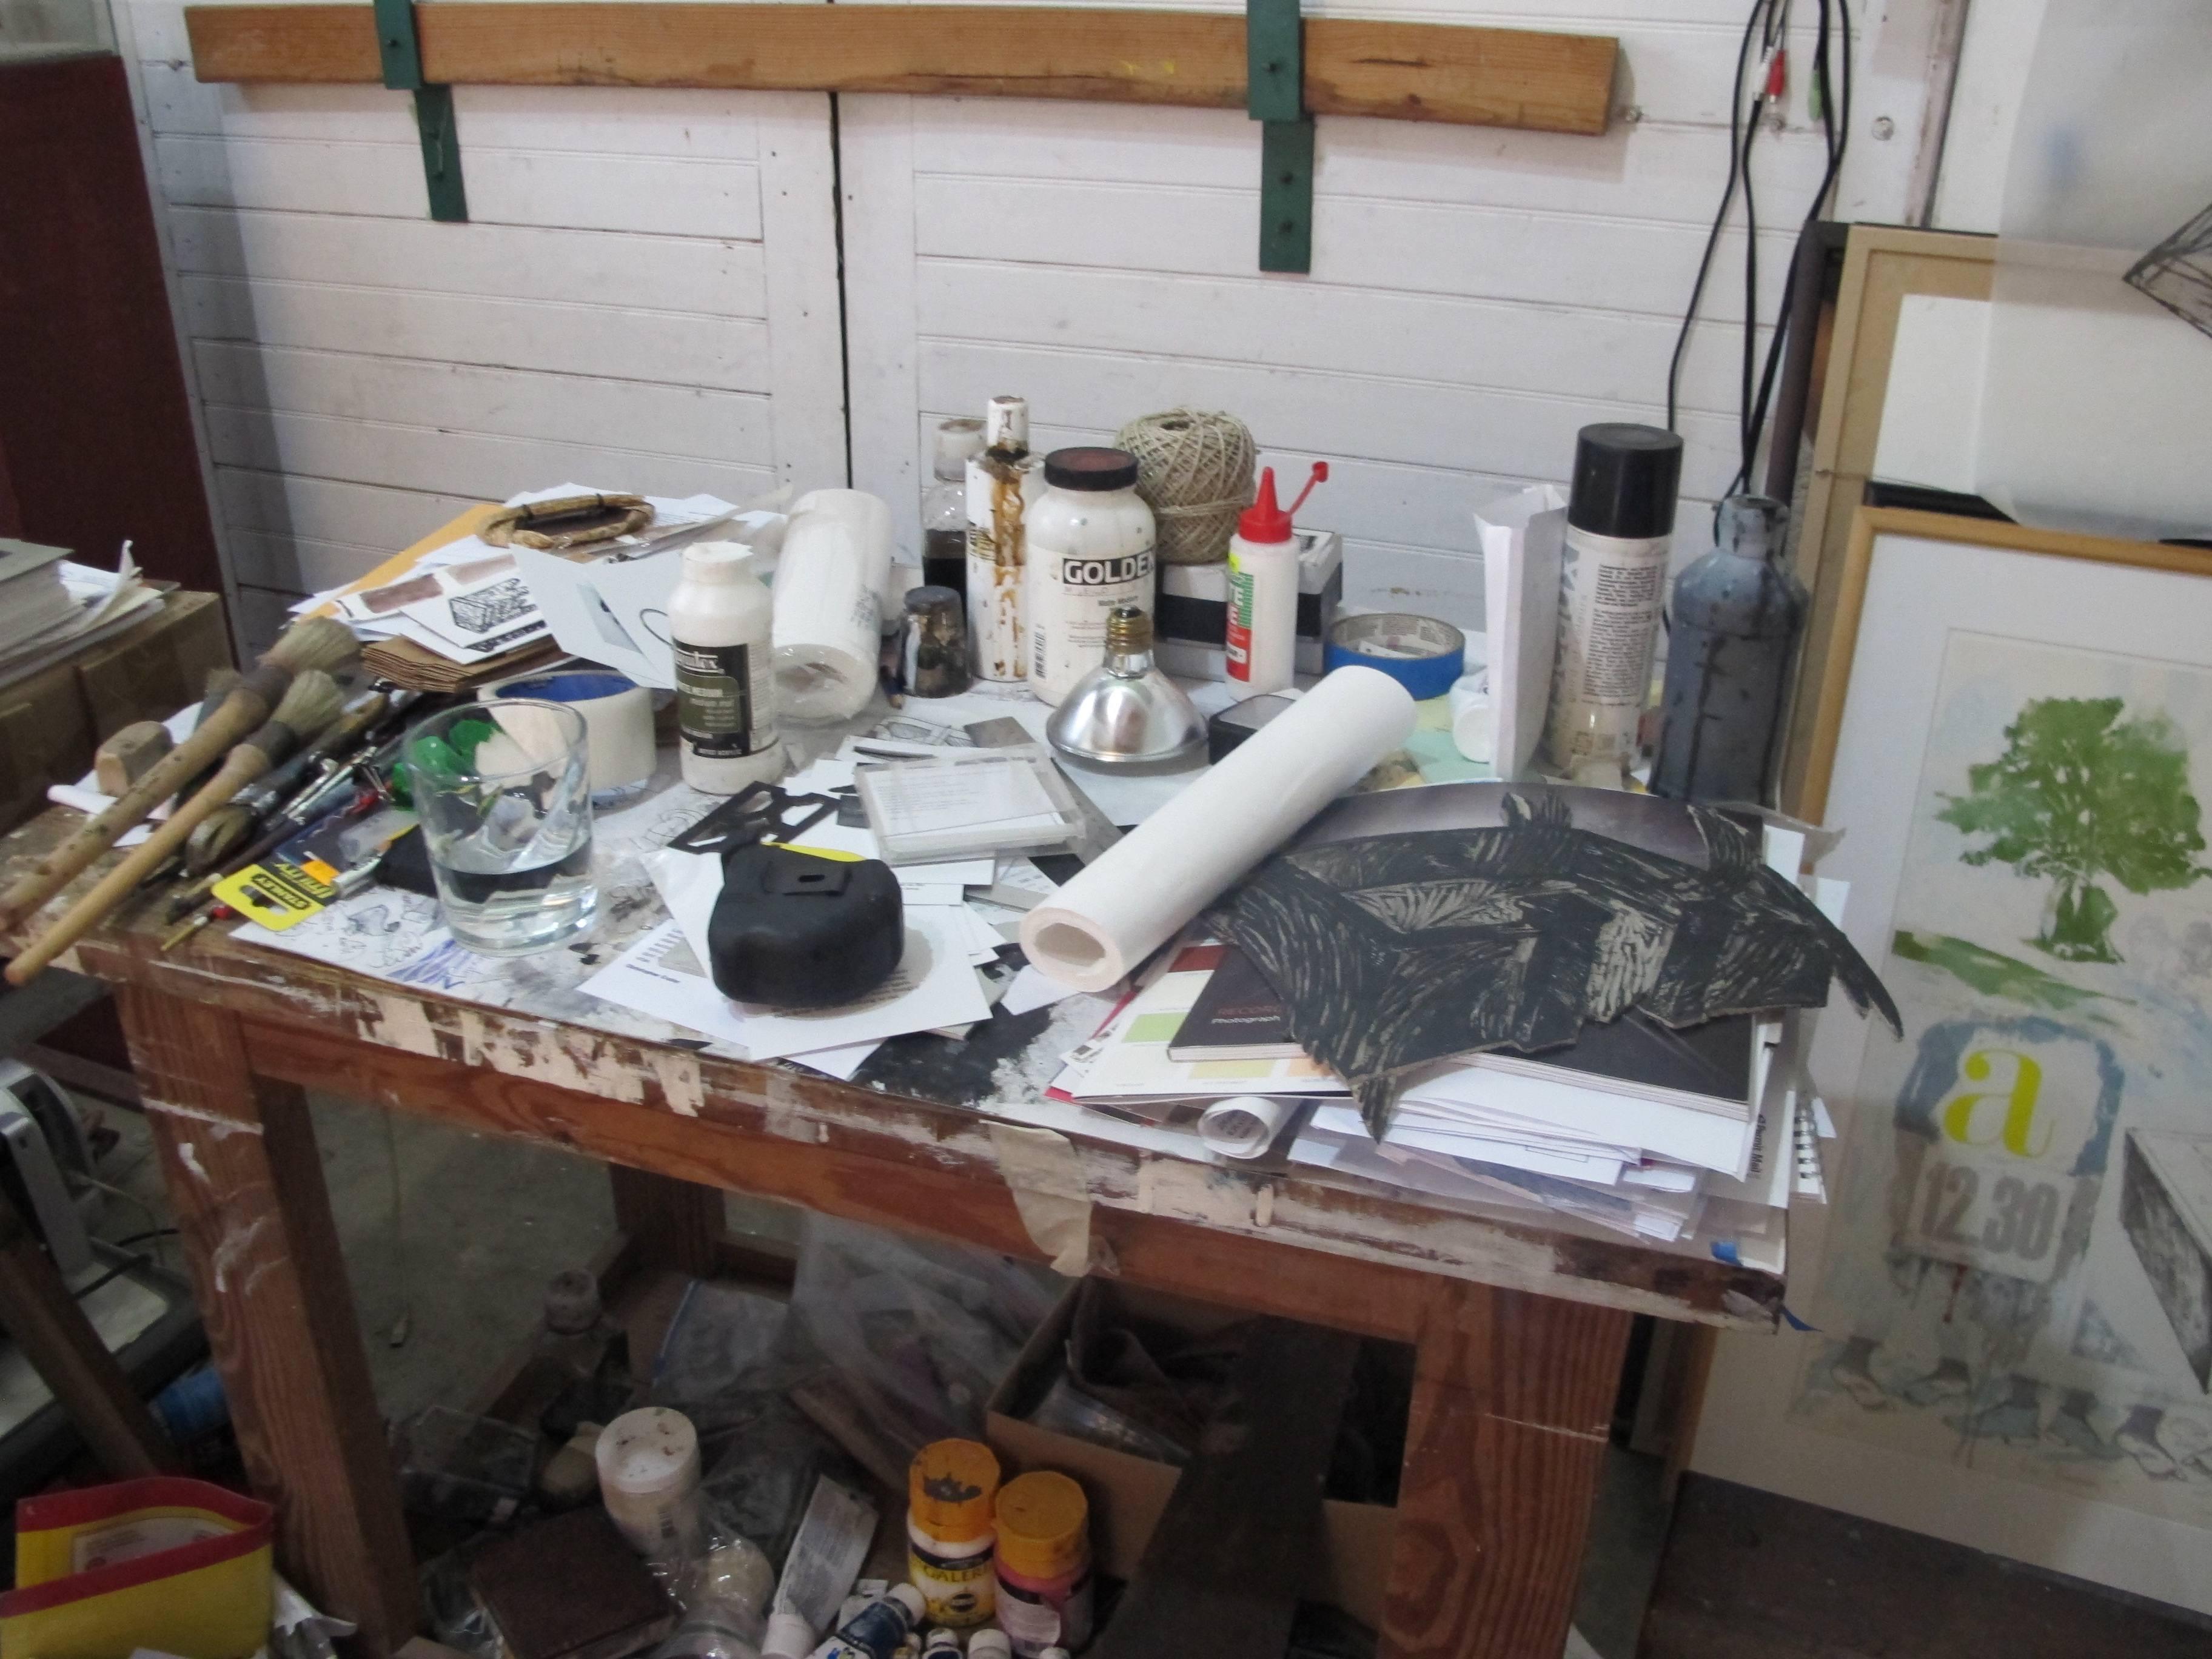 Cozier's studio